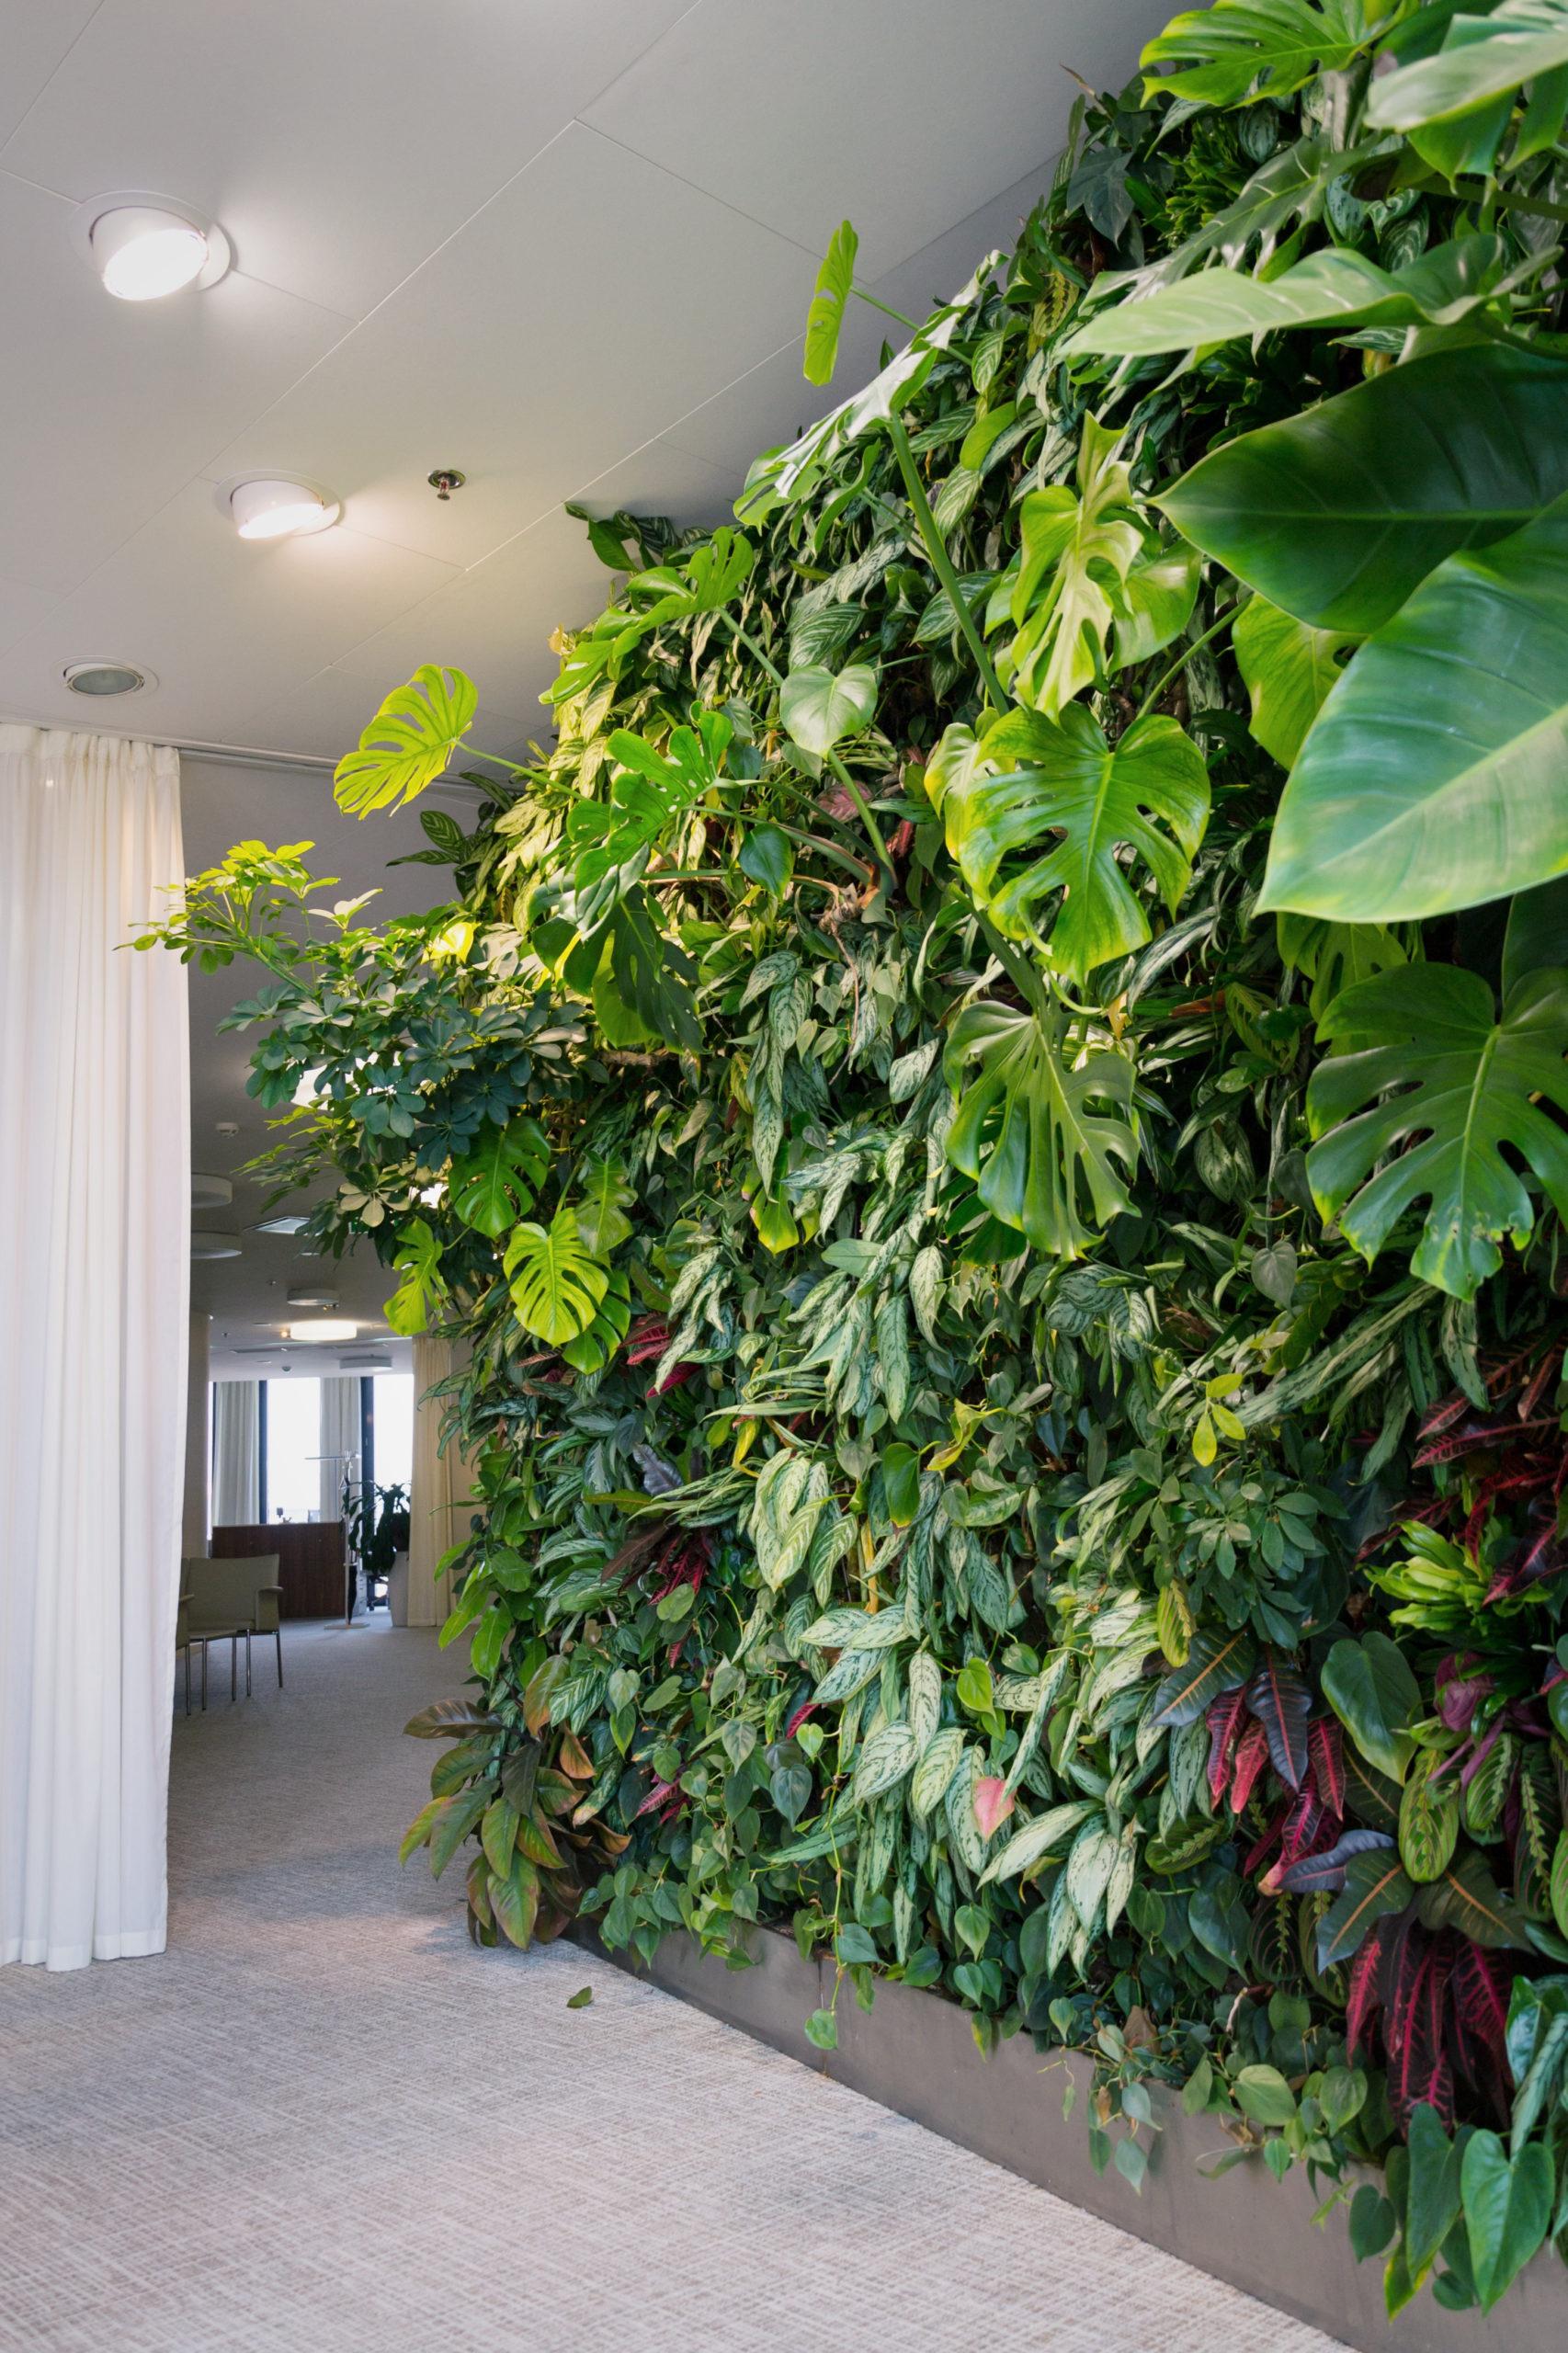 Levende grønn vertikal vegg med grønne planter og blomster